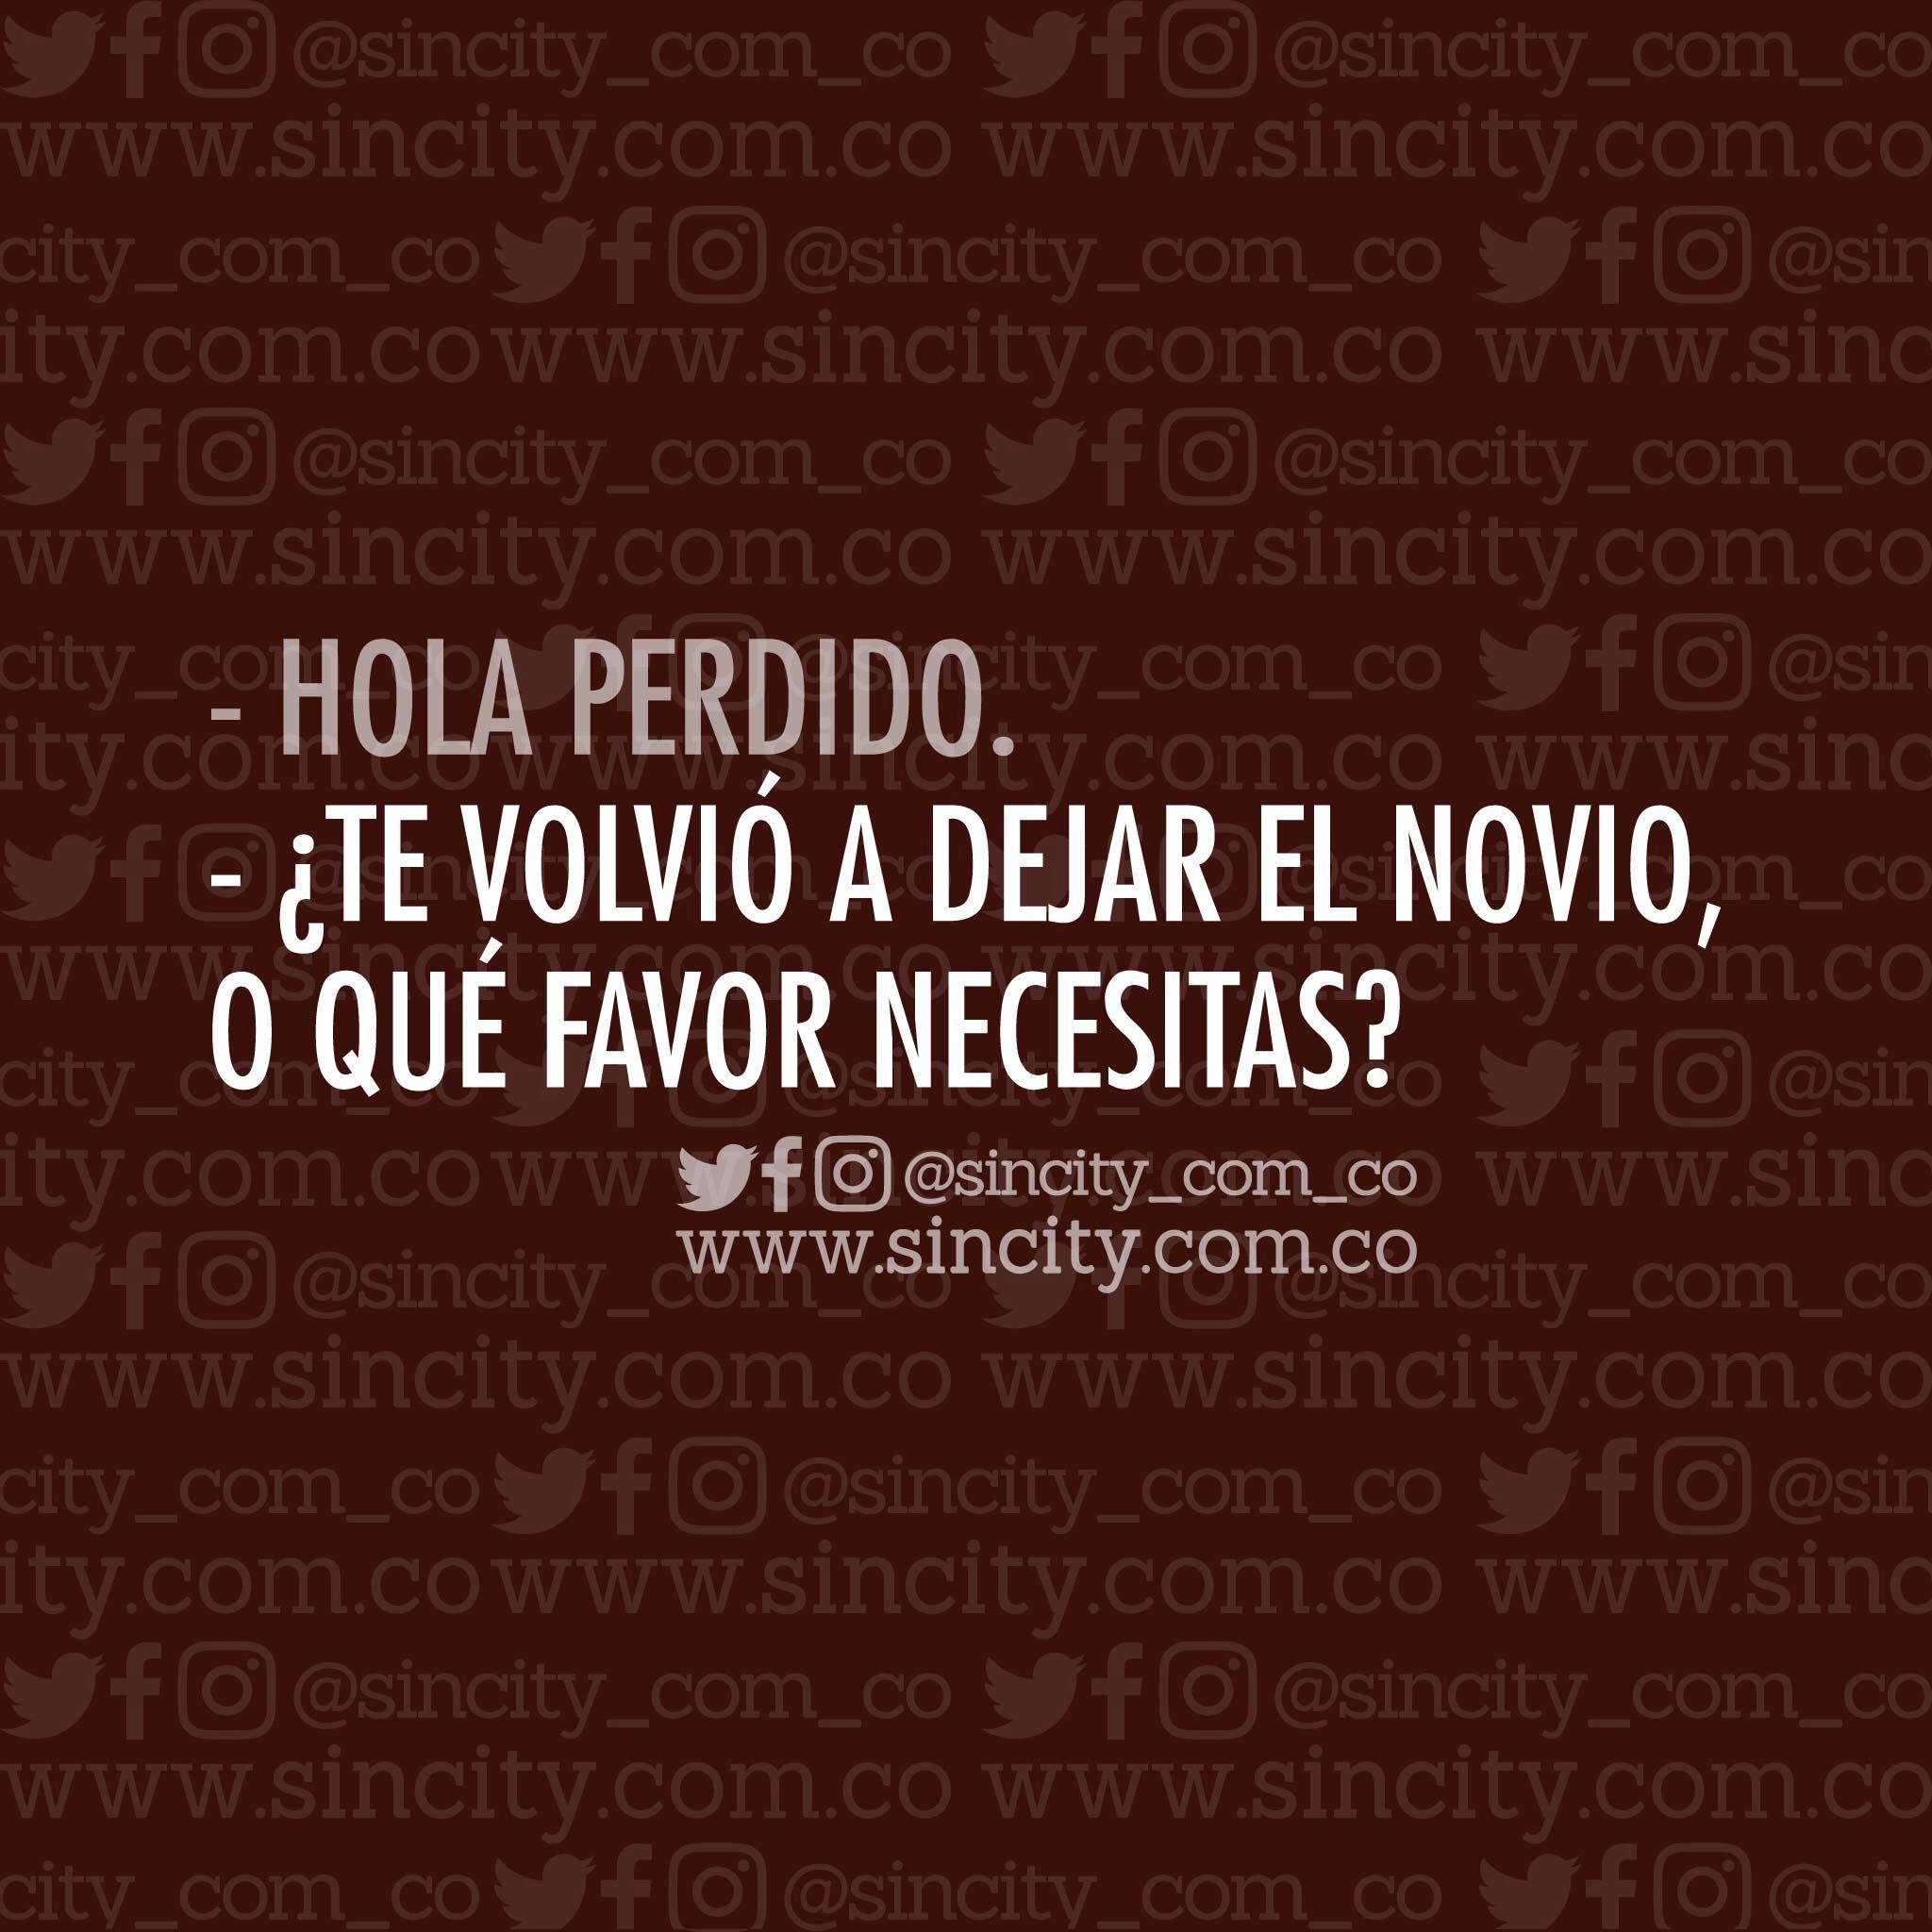 ¿Cuántas así? #chats #chatssincity #sincity #sincitycolombia #colombia #hola #holaperdido #perdido #verdad #novio #quenecesitas #favor #necesitar #ex #tedejaron #parejas #amigos #facebook #whatsapp #mujeres